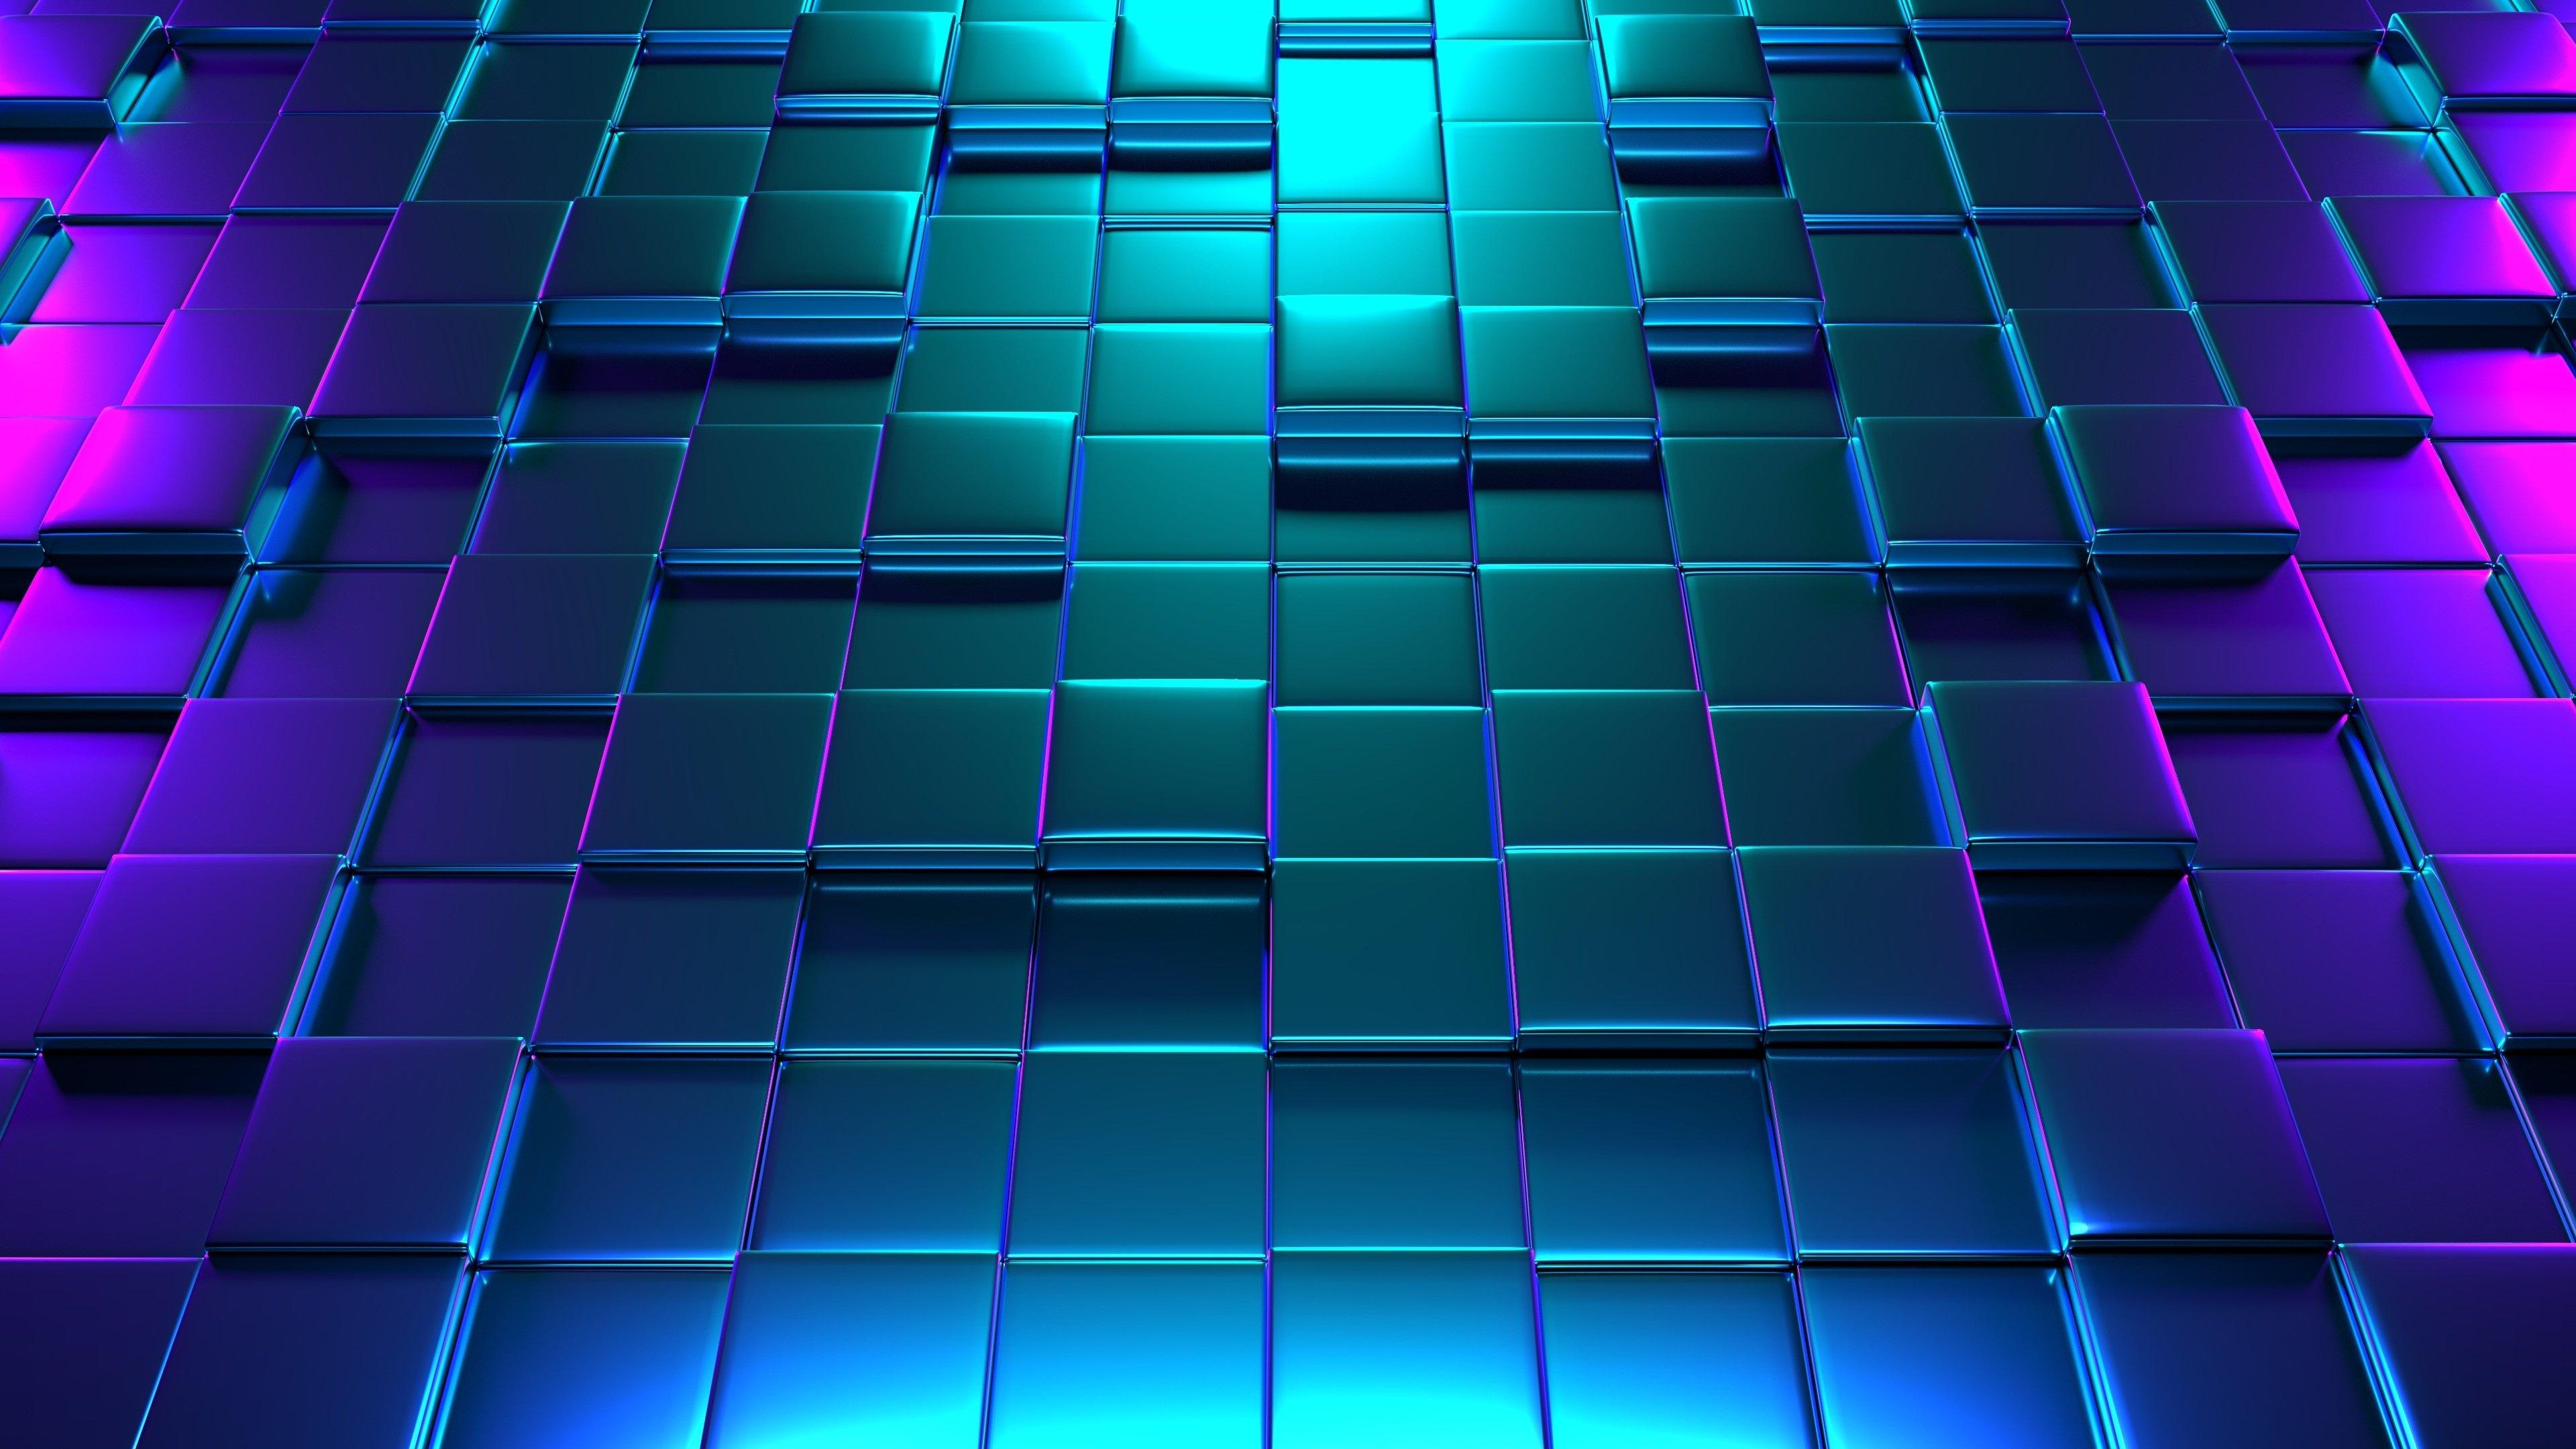 Fondos de pantalla Patrón de cubos 3D iluminación neón